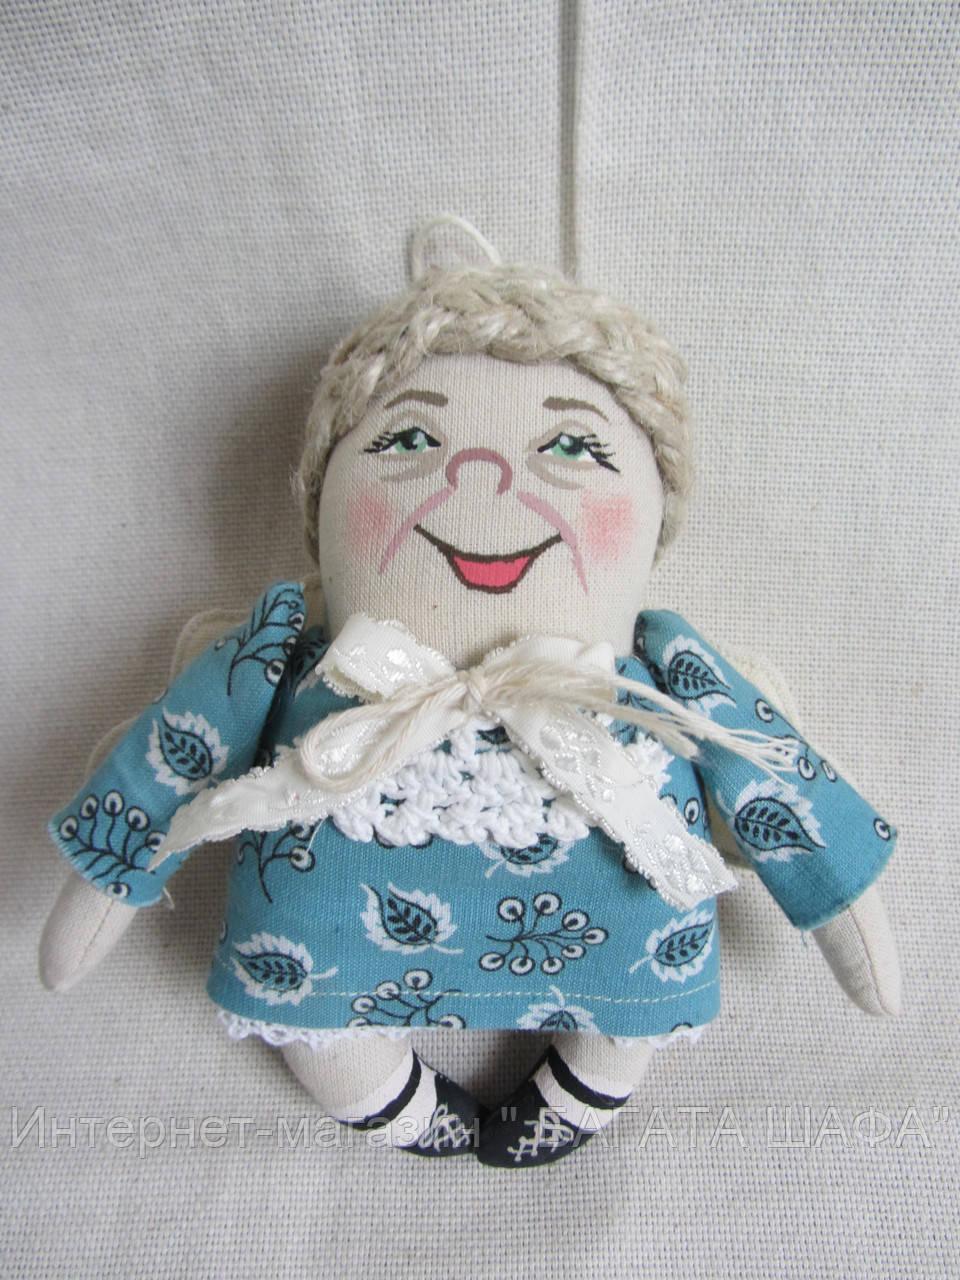 """Текстильная кукла """"Мой родной ангел"""", в-13 см, 115\85 - Интернет-магазин """" БАГАТА ШАФА"""" в Хмельницком"""